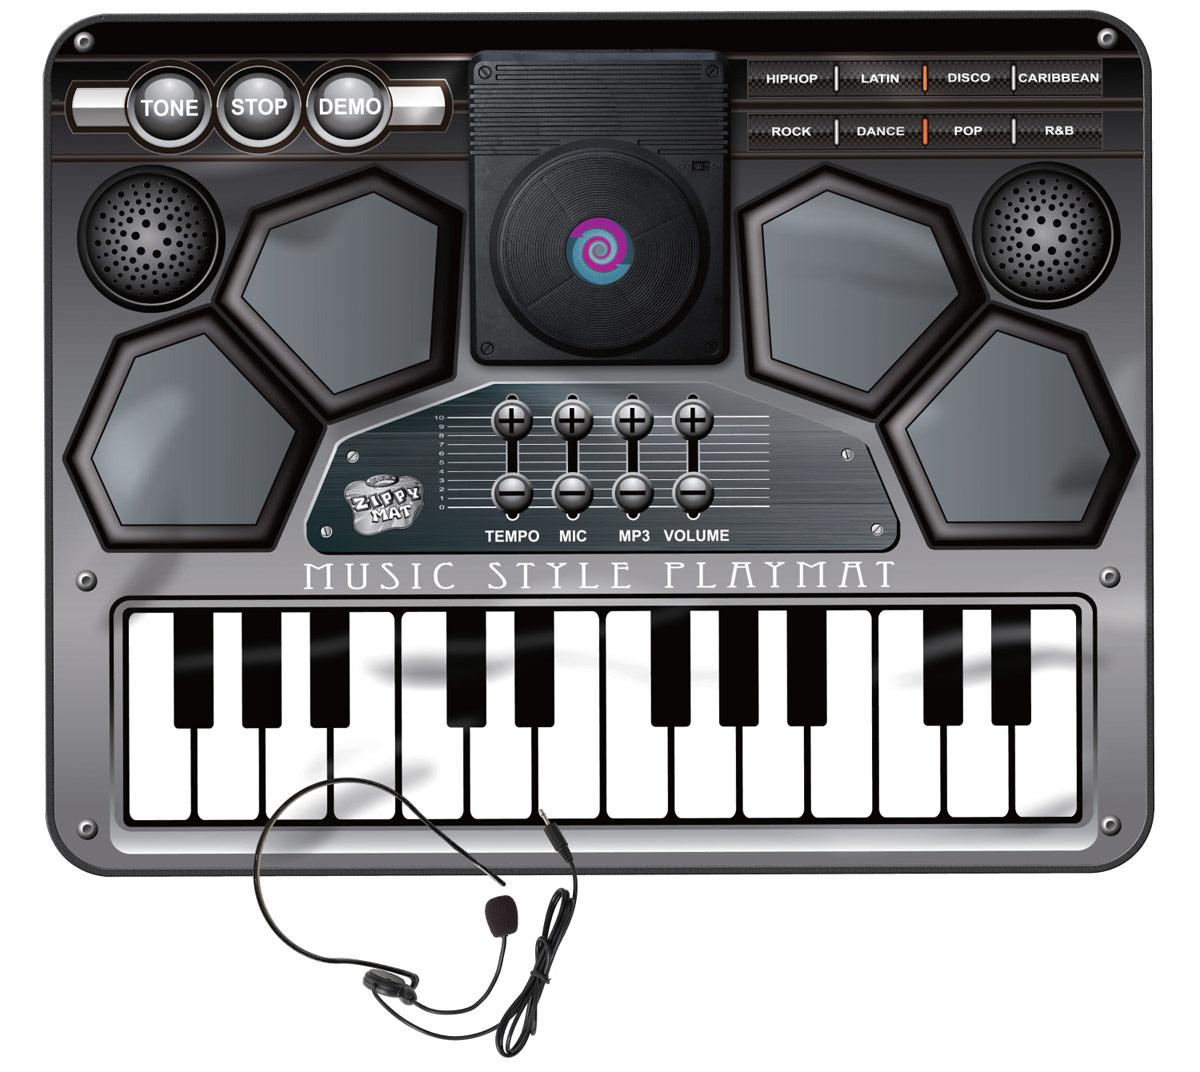 Ami&Co Игровой коврик музыкальный Синтезатор с микшеромSLW9828Музыкальный коврик Amico – это увлекательная игрушка для подвижных игр. Она способствуют всестороннему развитию ребенка, сочетая в себе элементы игры, танца и спорта. Коврики реагируют на прикосновения и содержат несколько интерактивных игр, сопровождающихся веселой музыкой и звуками. Почувствуй себя настоящим ди-джеем! Нажимай на клавиши и создавай дополнительные звуковые эффекты, которые накладываются на основную мелодию. Возможно добавить звучание восьми различных инструментов и звуковых эффектов, а подключив к коврику CD/MP3 плеер и микрофон можно менять свои любимые мелодии. 8 инструментов, регулируемая громкость и темп, караоке, возможность подключения CD/MP3 плеера, музыкальные спецэффекты, микрофон и наушники в комплекте, автоматическое отключение.